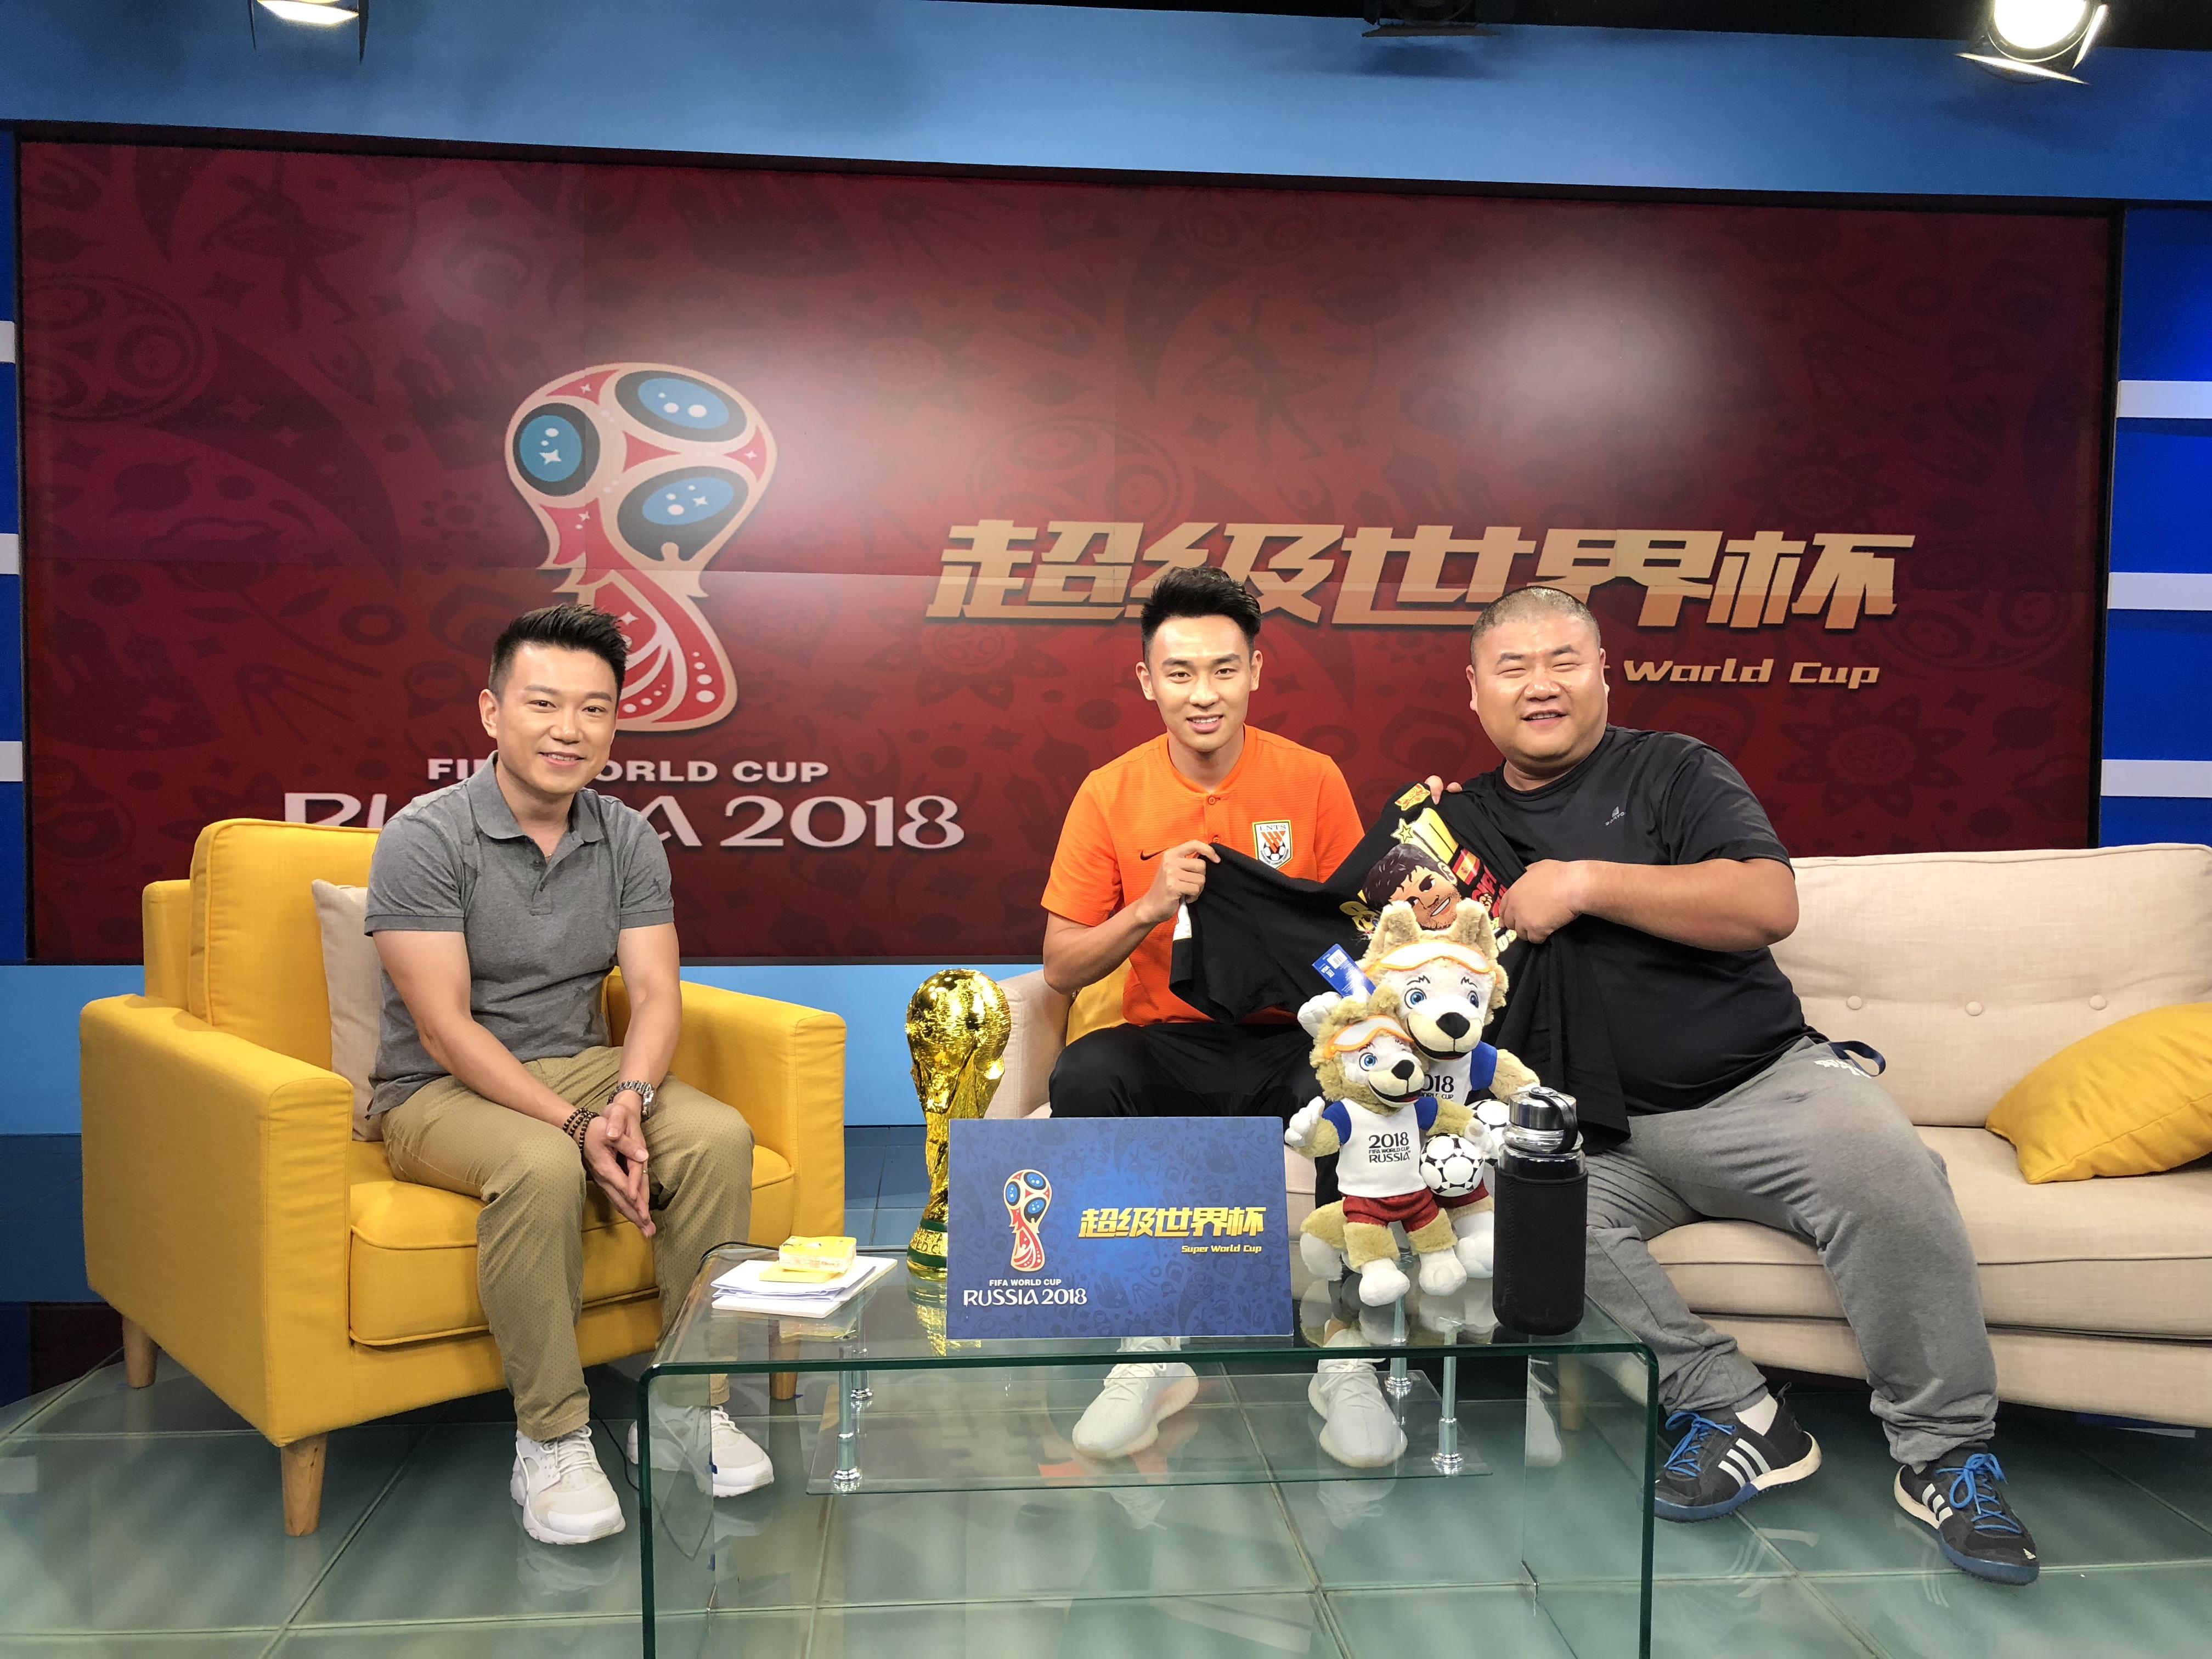 超级世界杯:吴兴涵为将要进行的鲁能潍坊杯打CALL